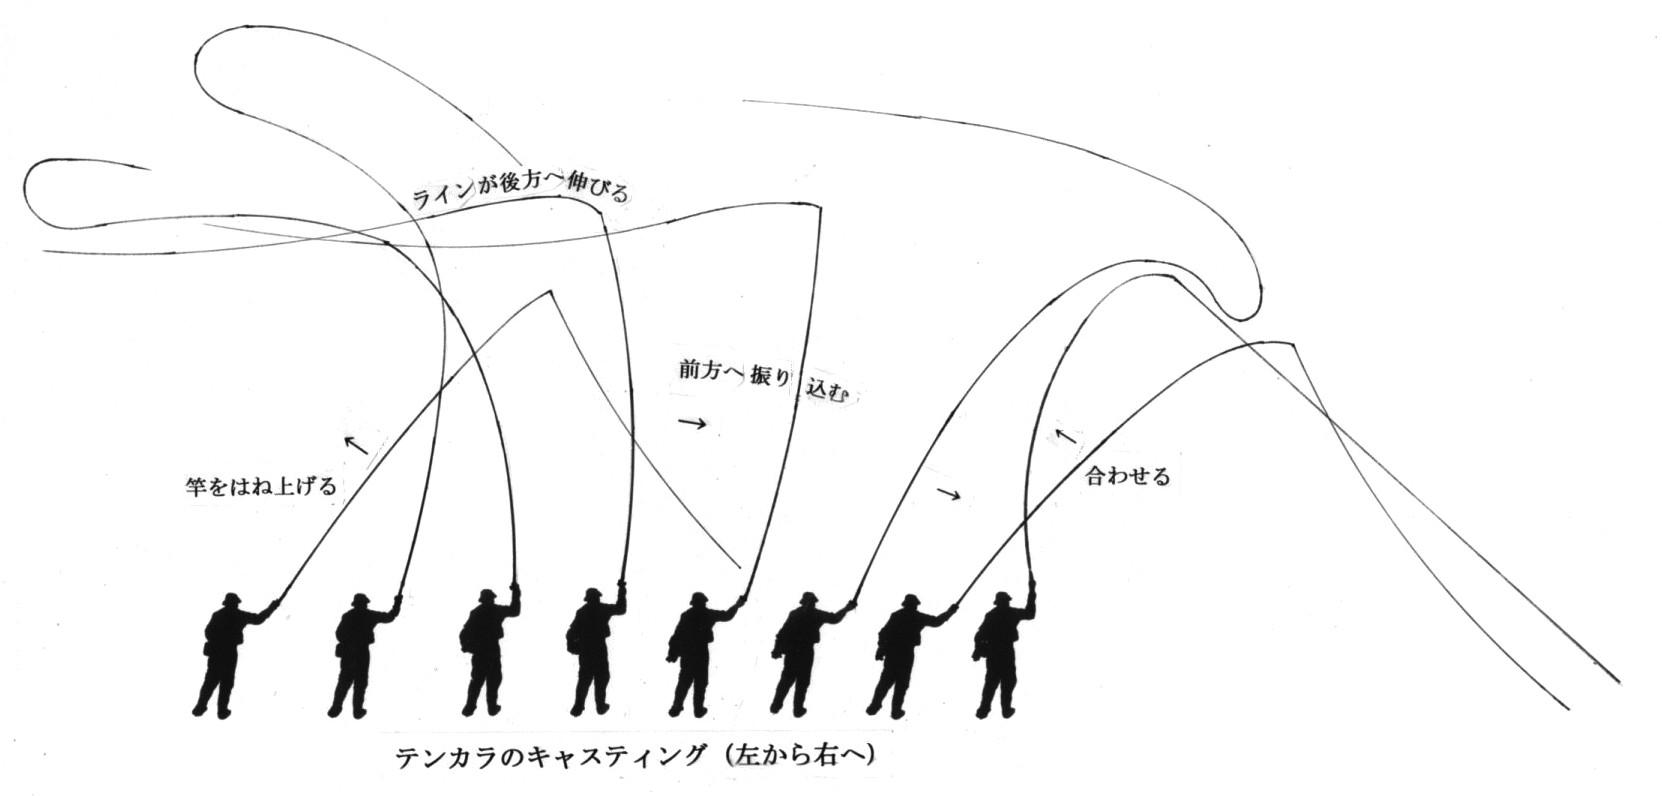 Fishing Tippet Diagram